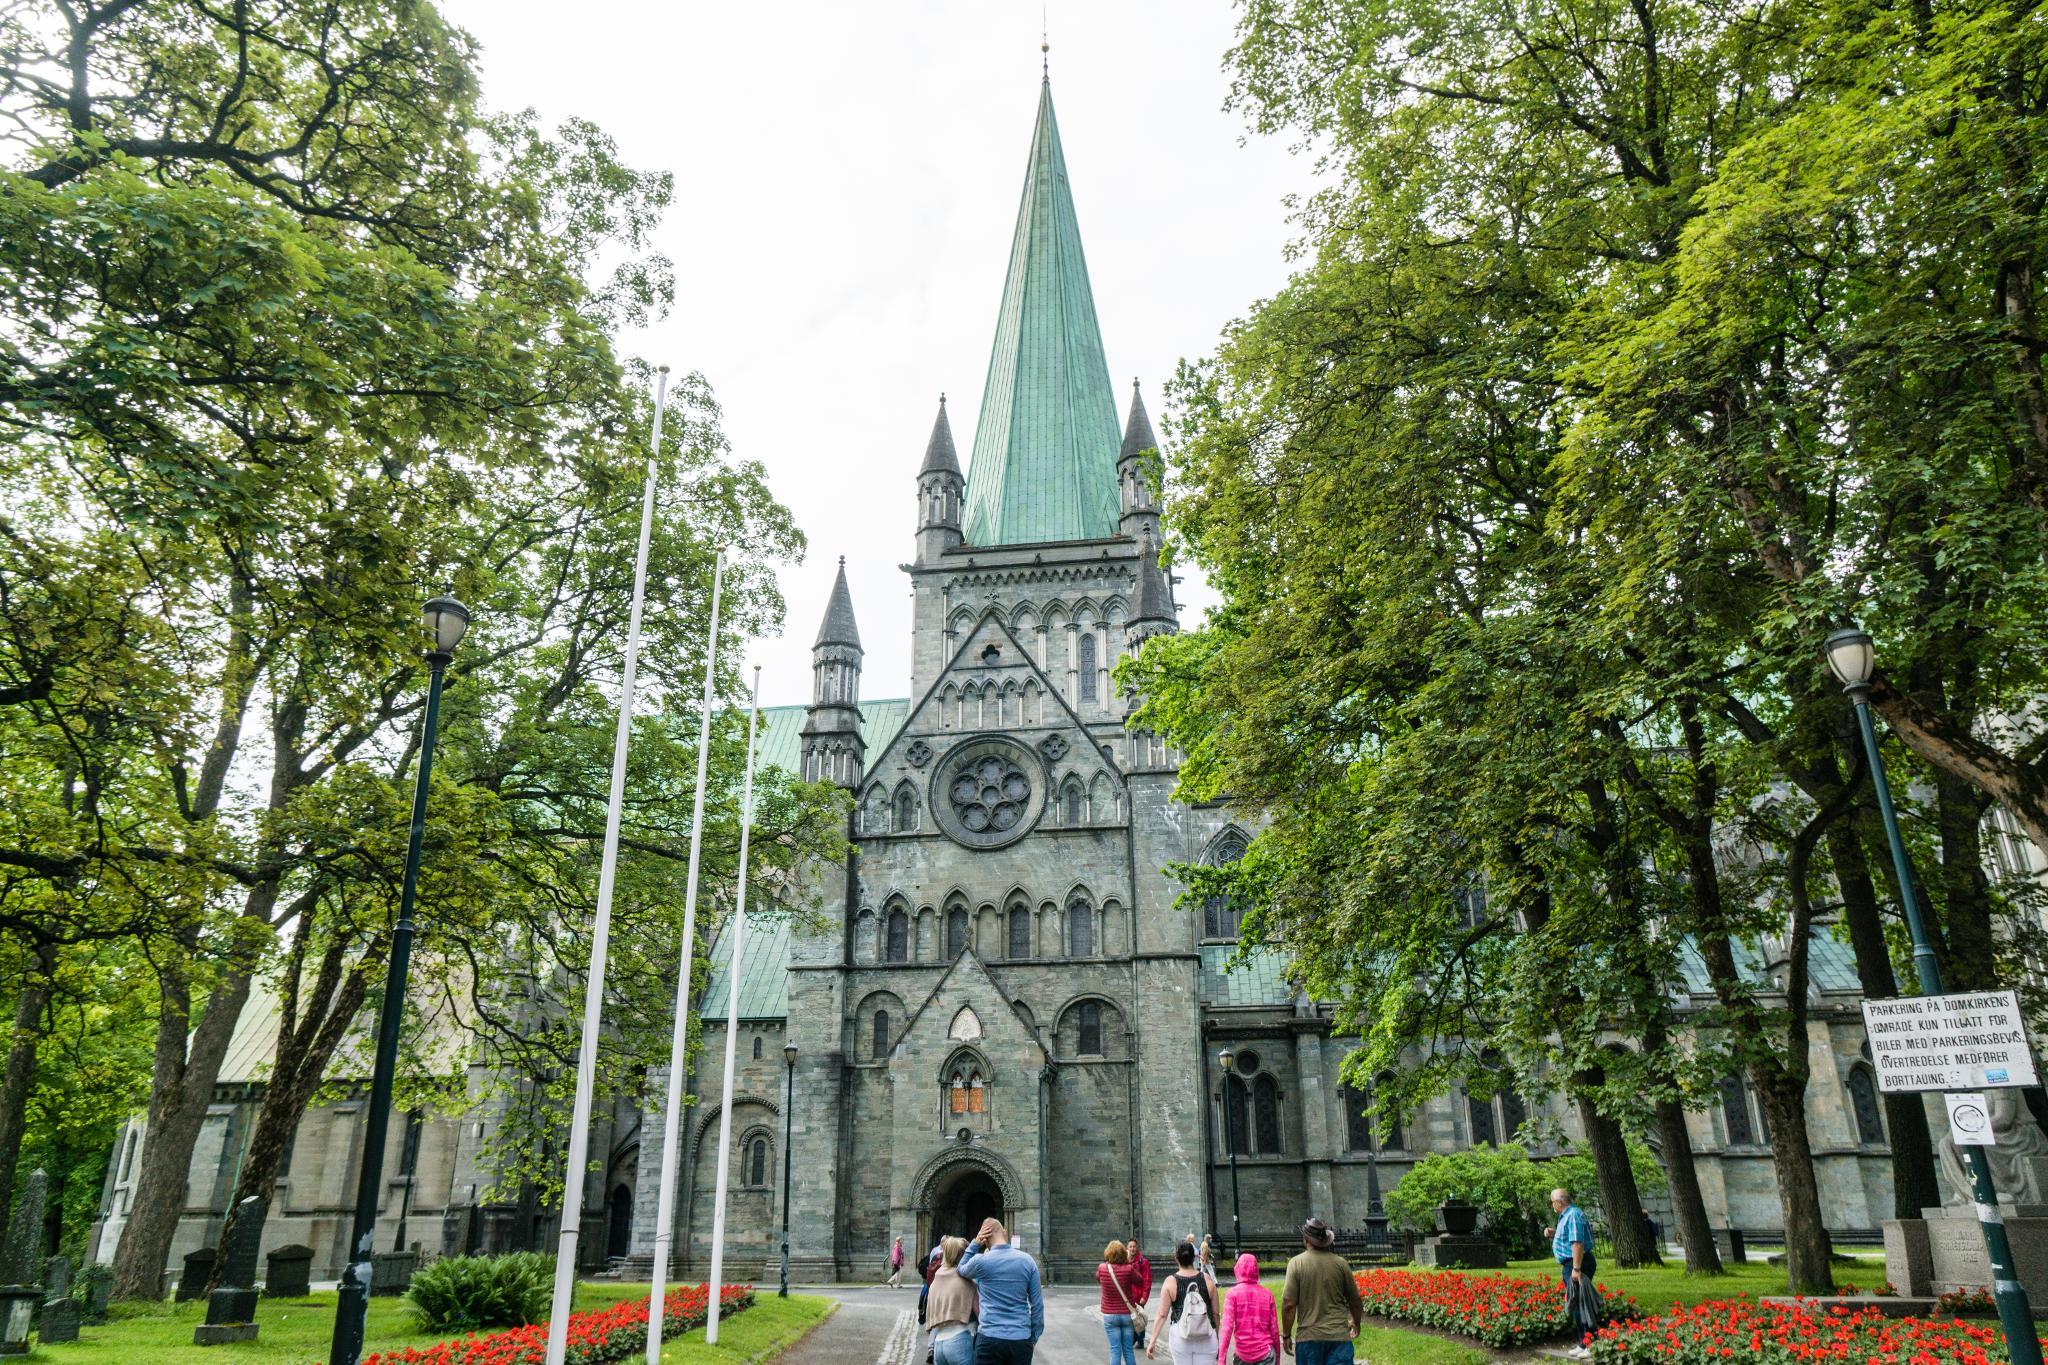 【北歐景點】拜訪維京王的千年古城 - Trondheim 特隆赫姆景點懶人包 18